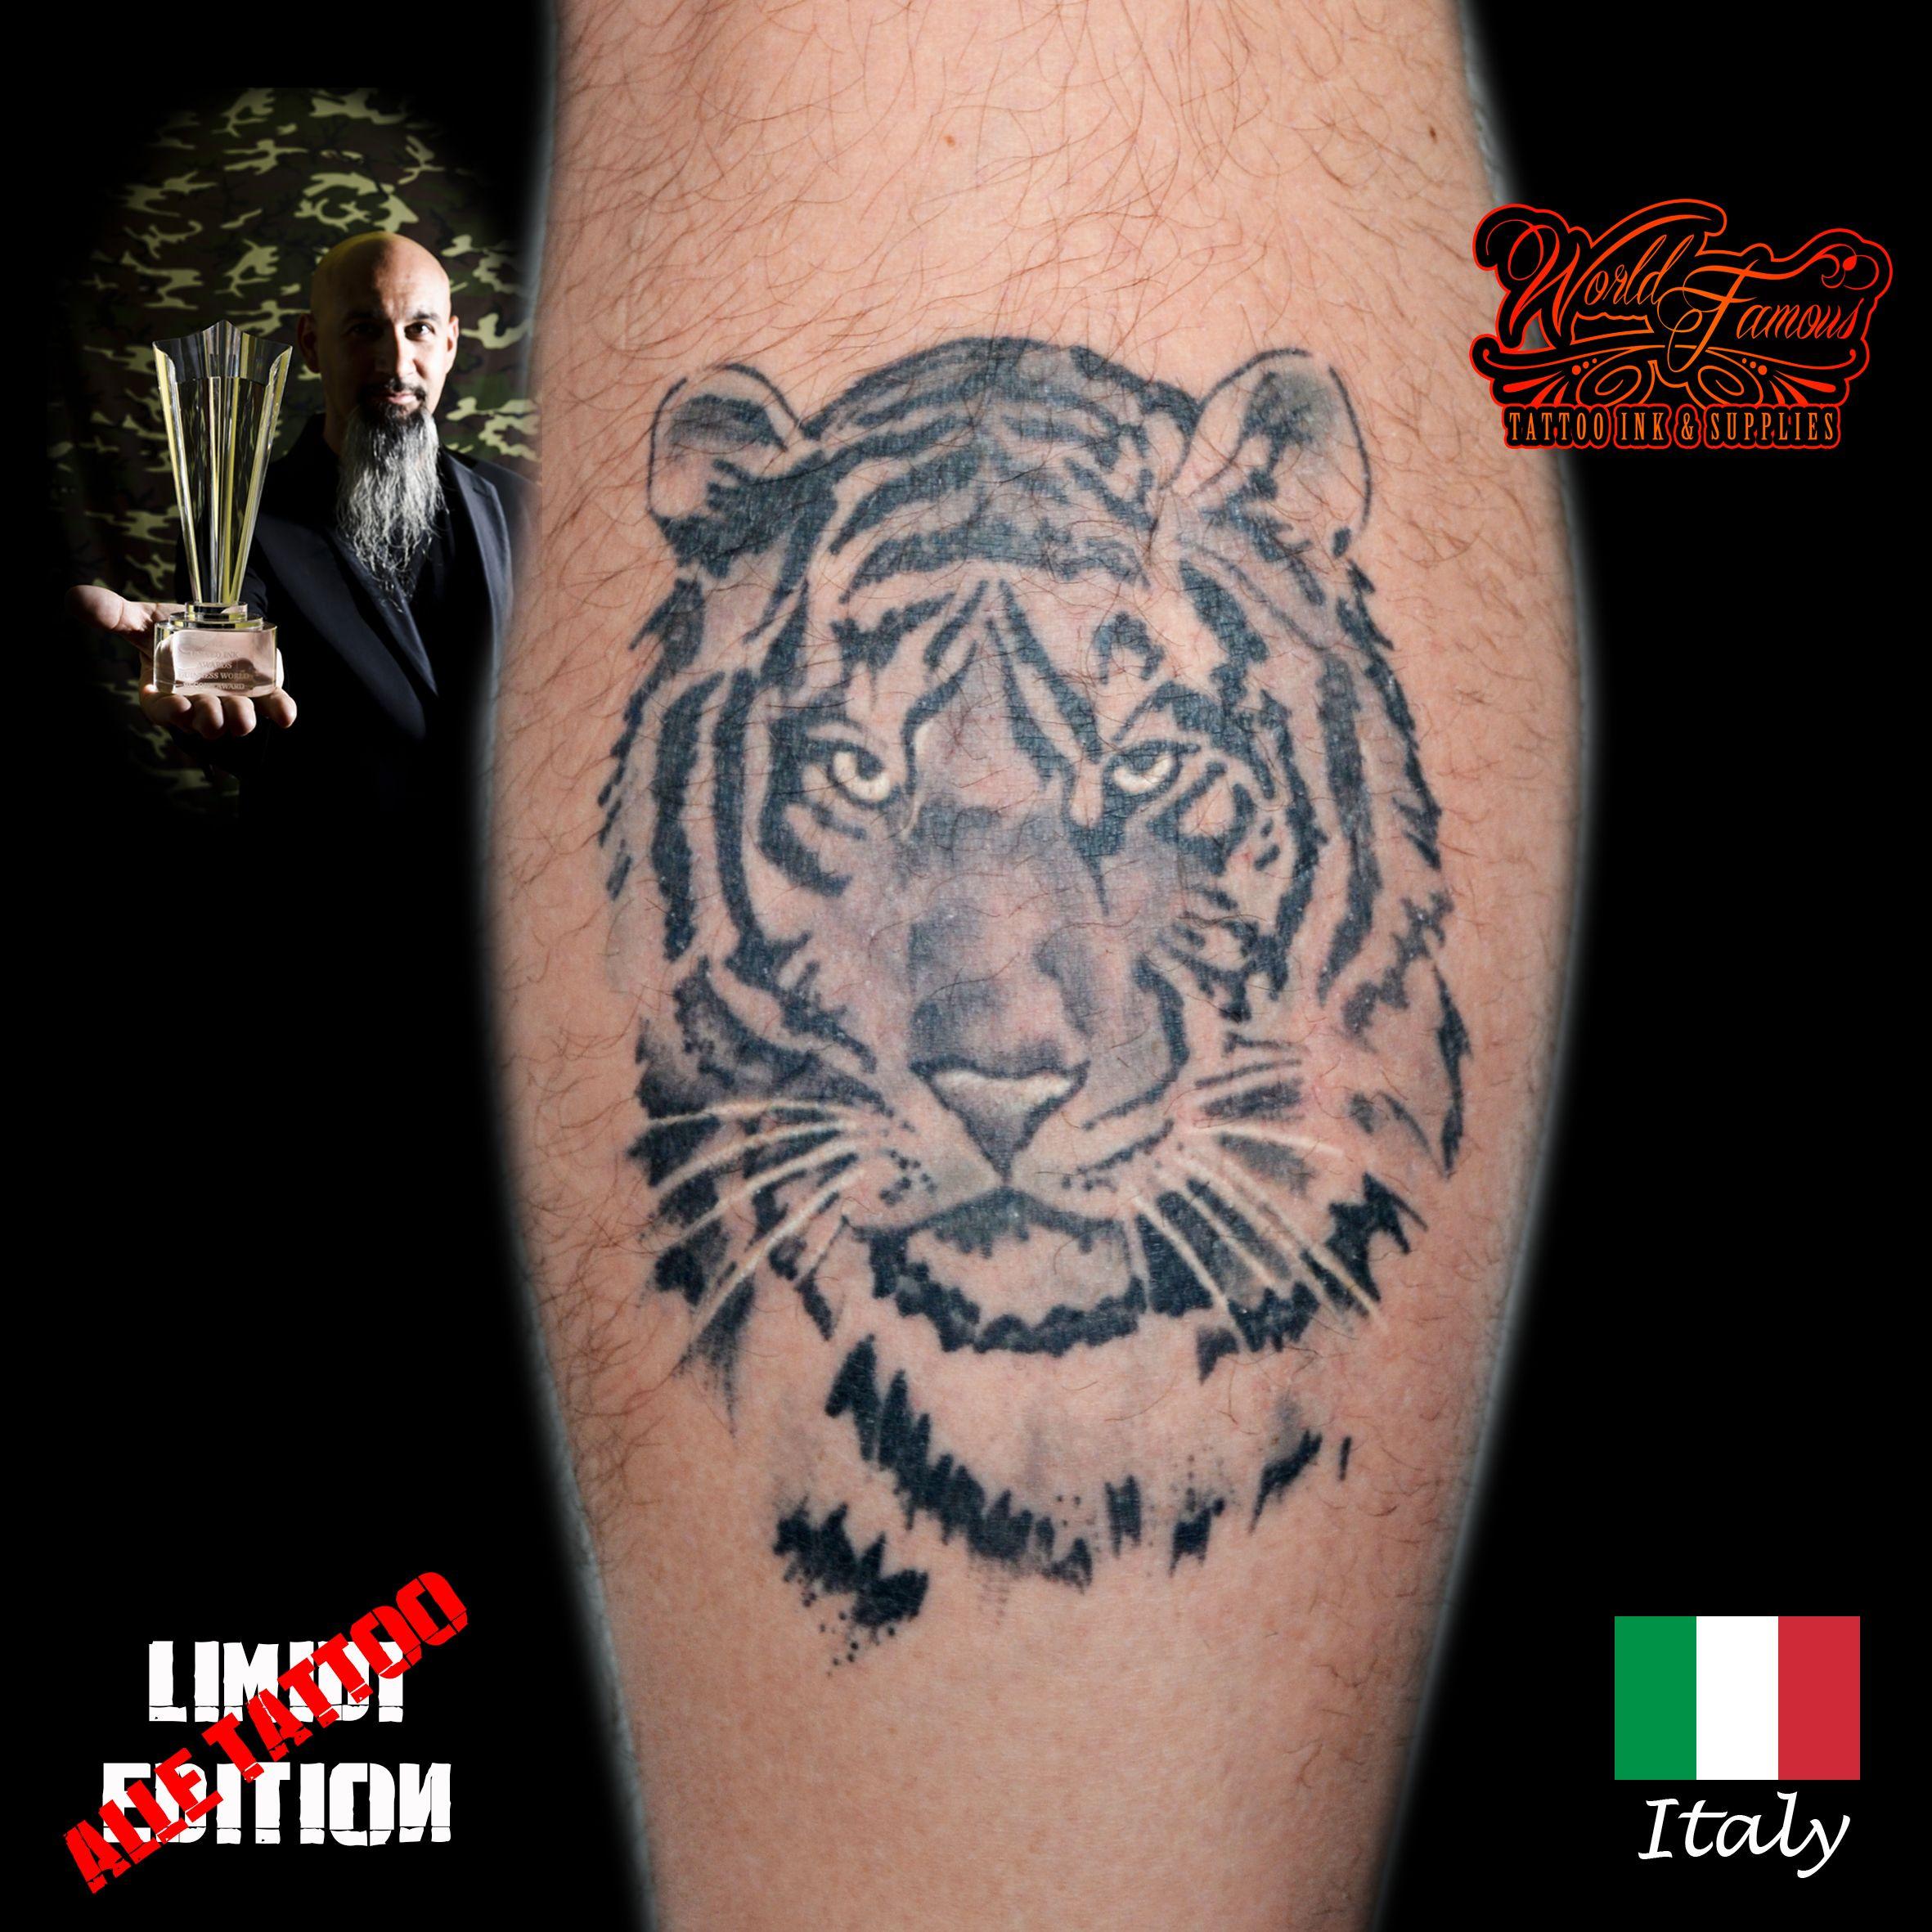 #alletattoo #tatuaggi #tattoo #realistic #tiger #tigre MUY HERMOSO EXCELENTE TRABAJO